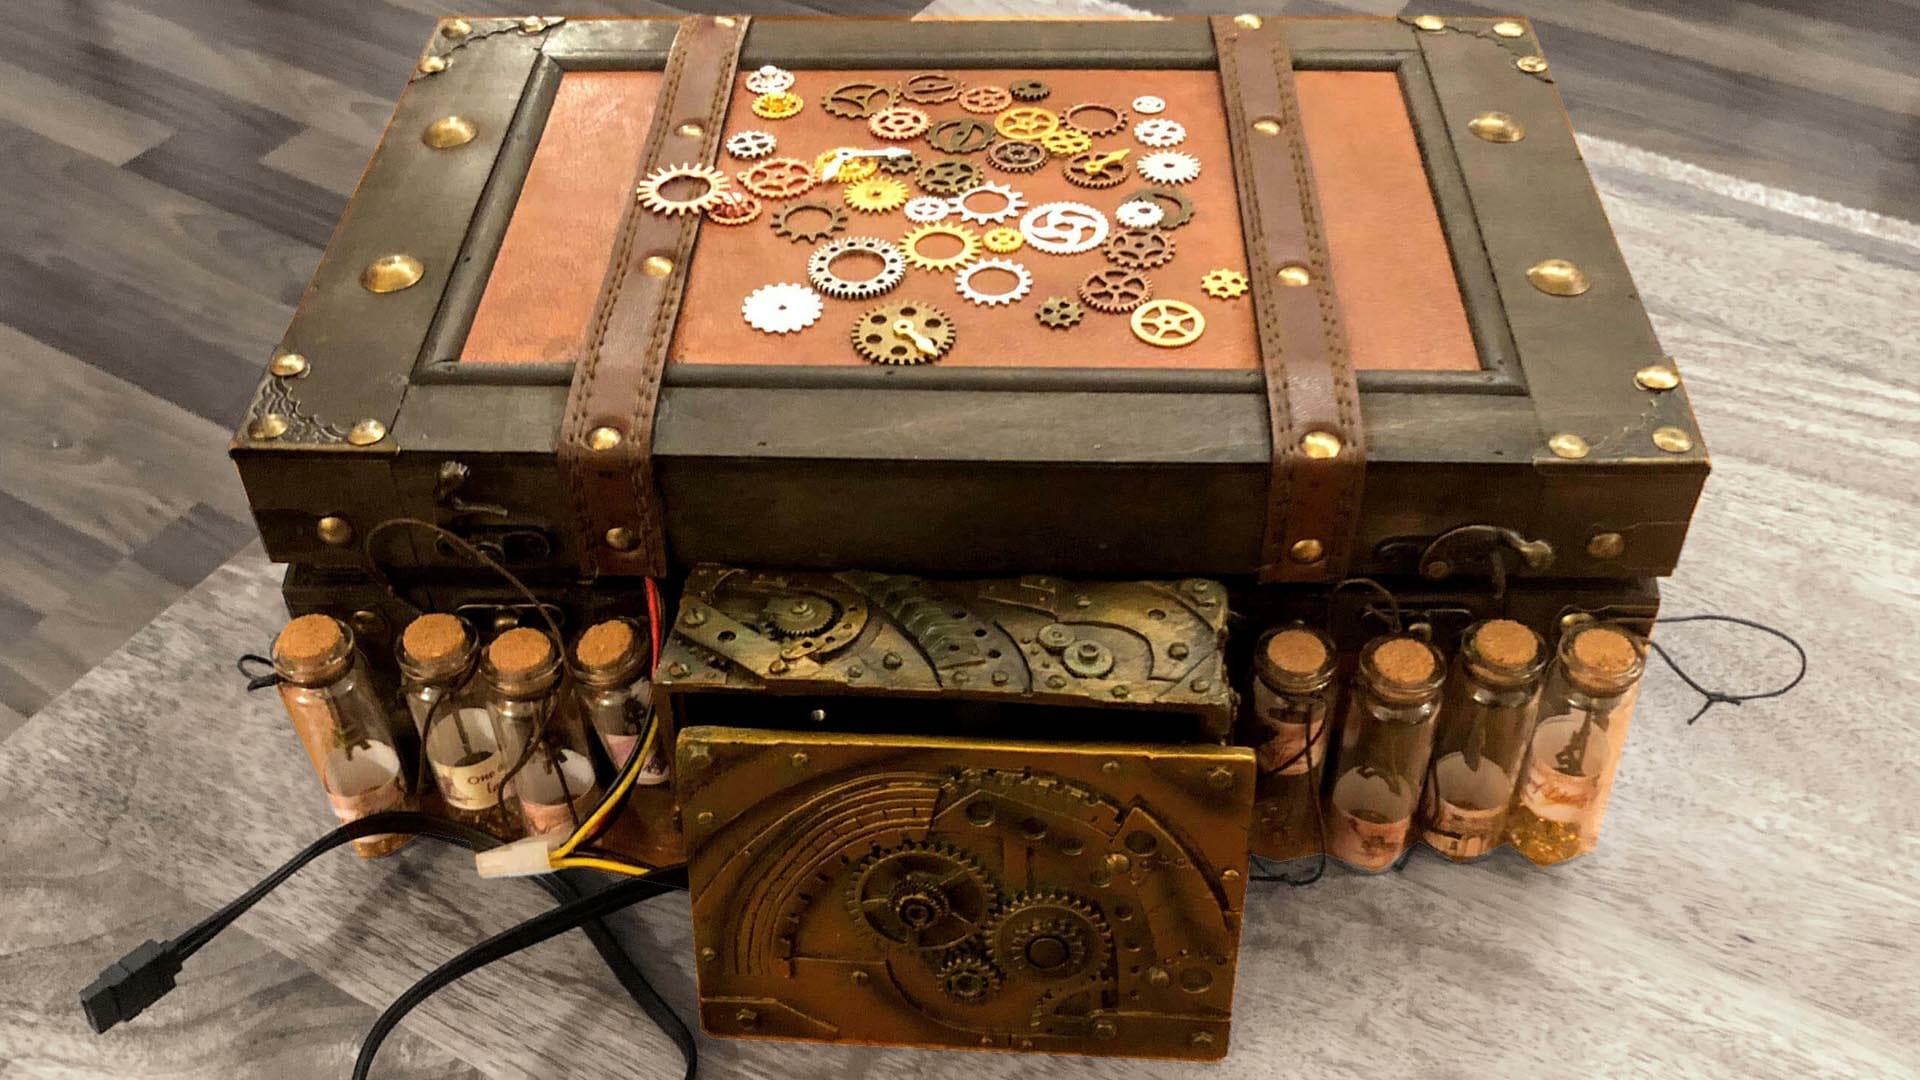 DC steampunk computer